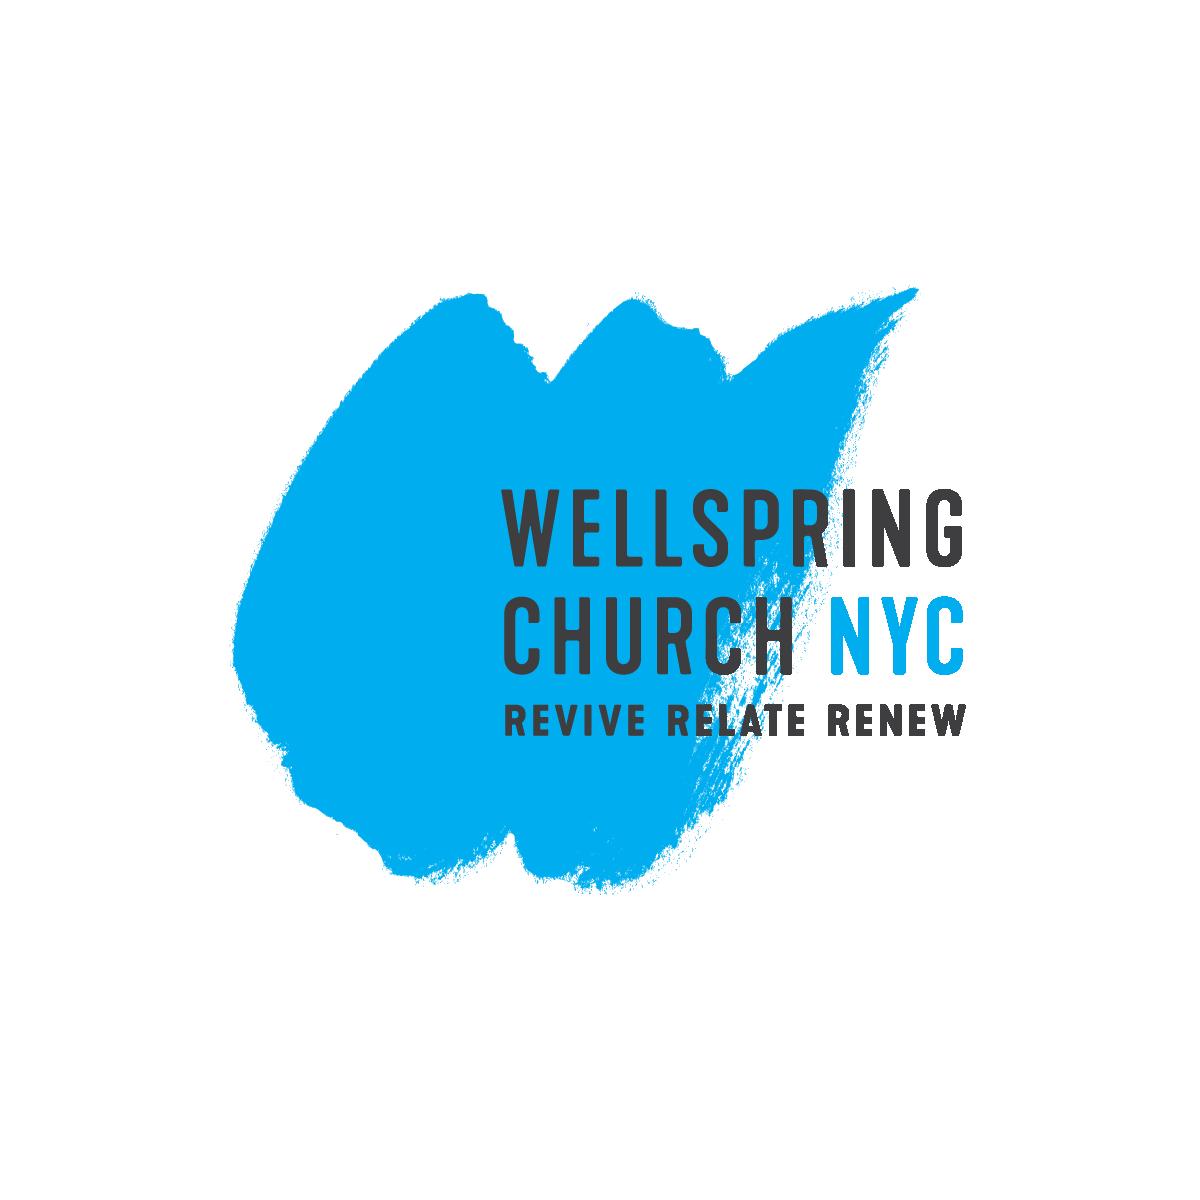 WellspringChurch_logo1-01.png